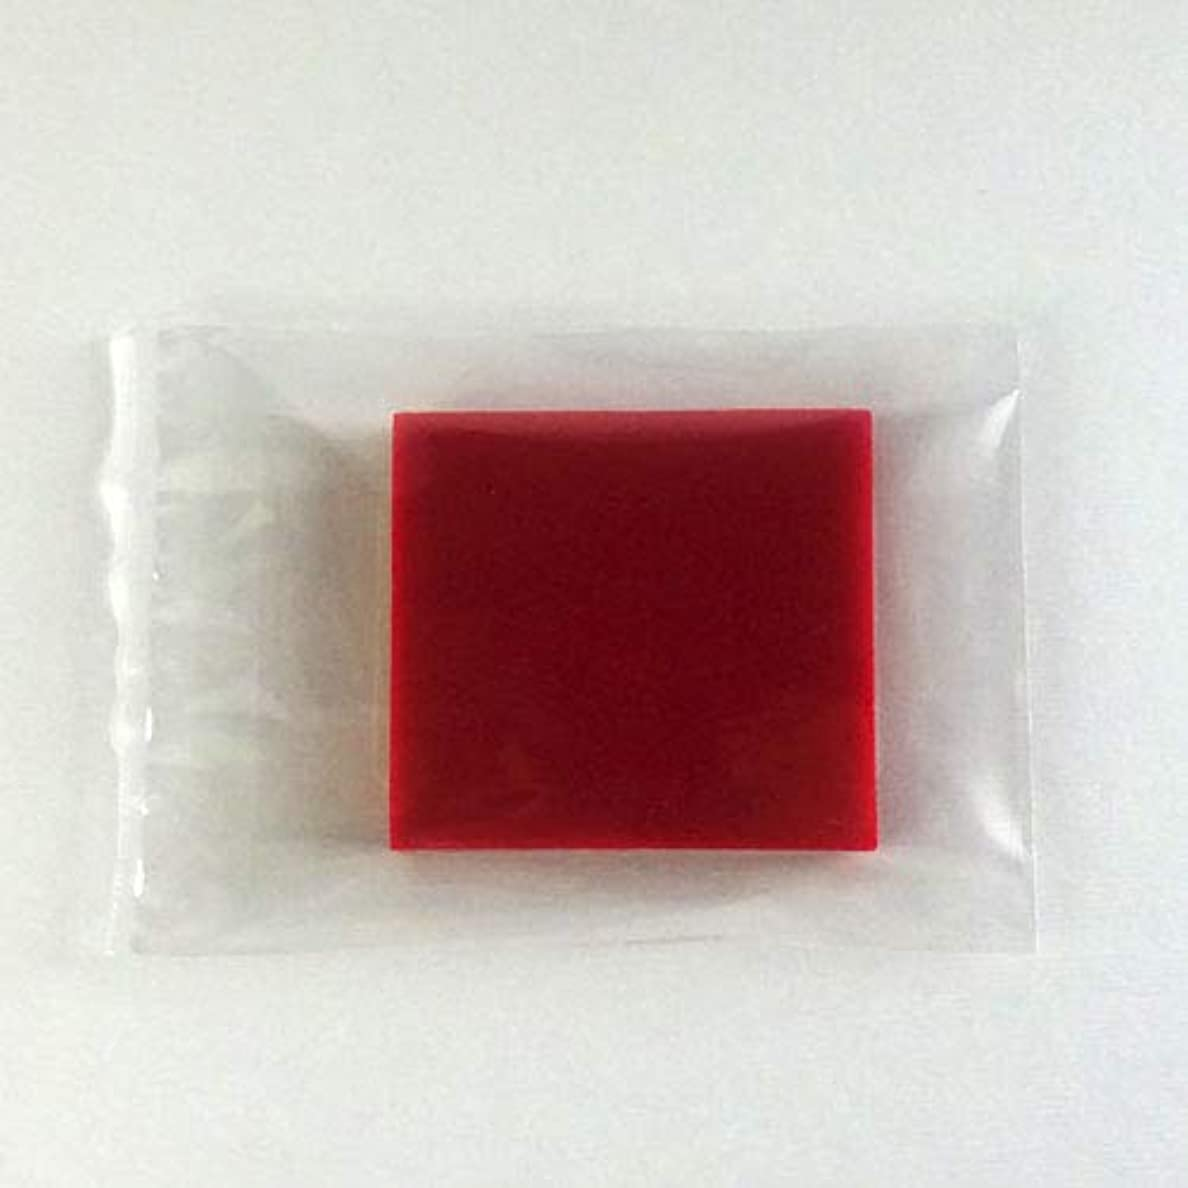 複数交差点一過性グリセリンソープ MPソープ 色チップ 赤(レッド) 30g